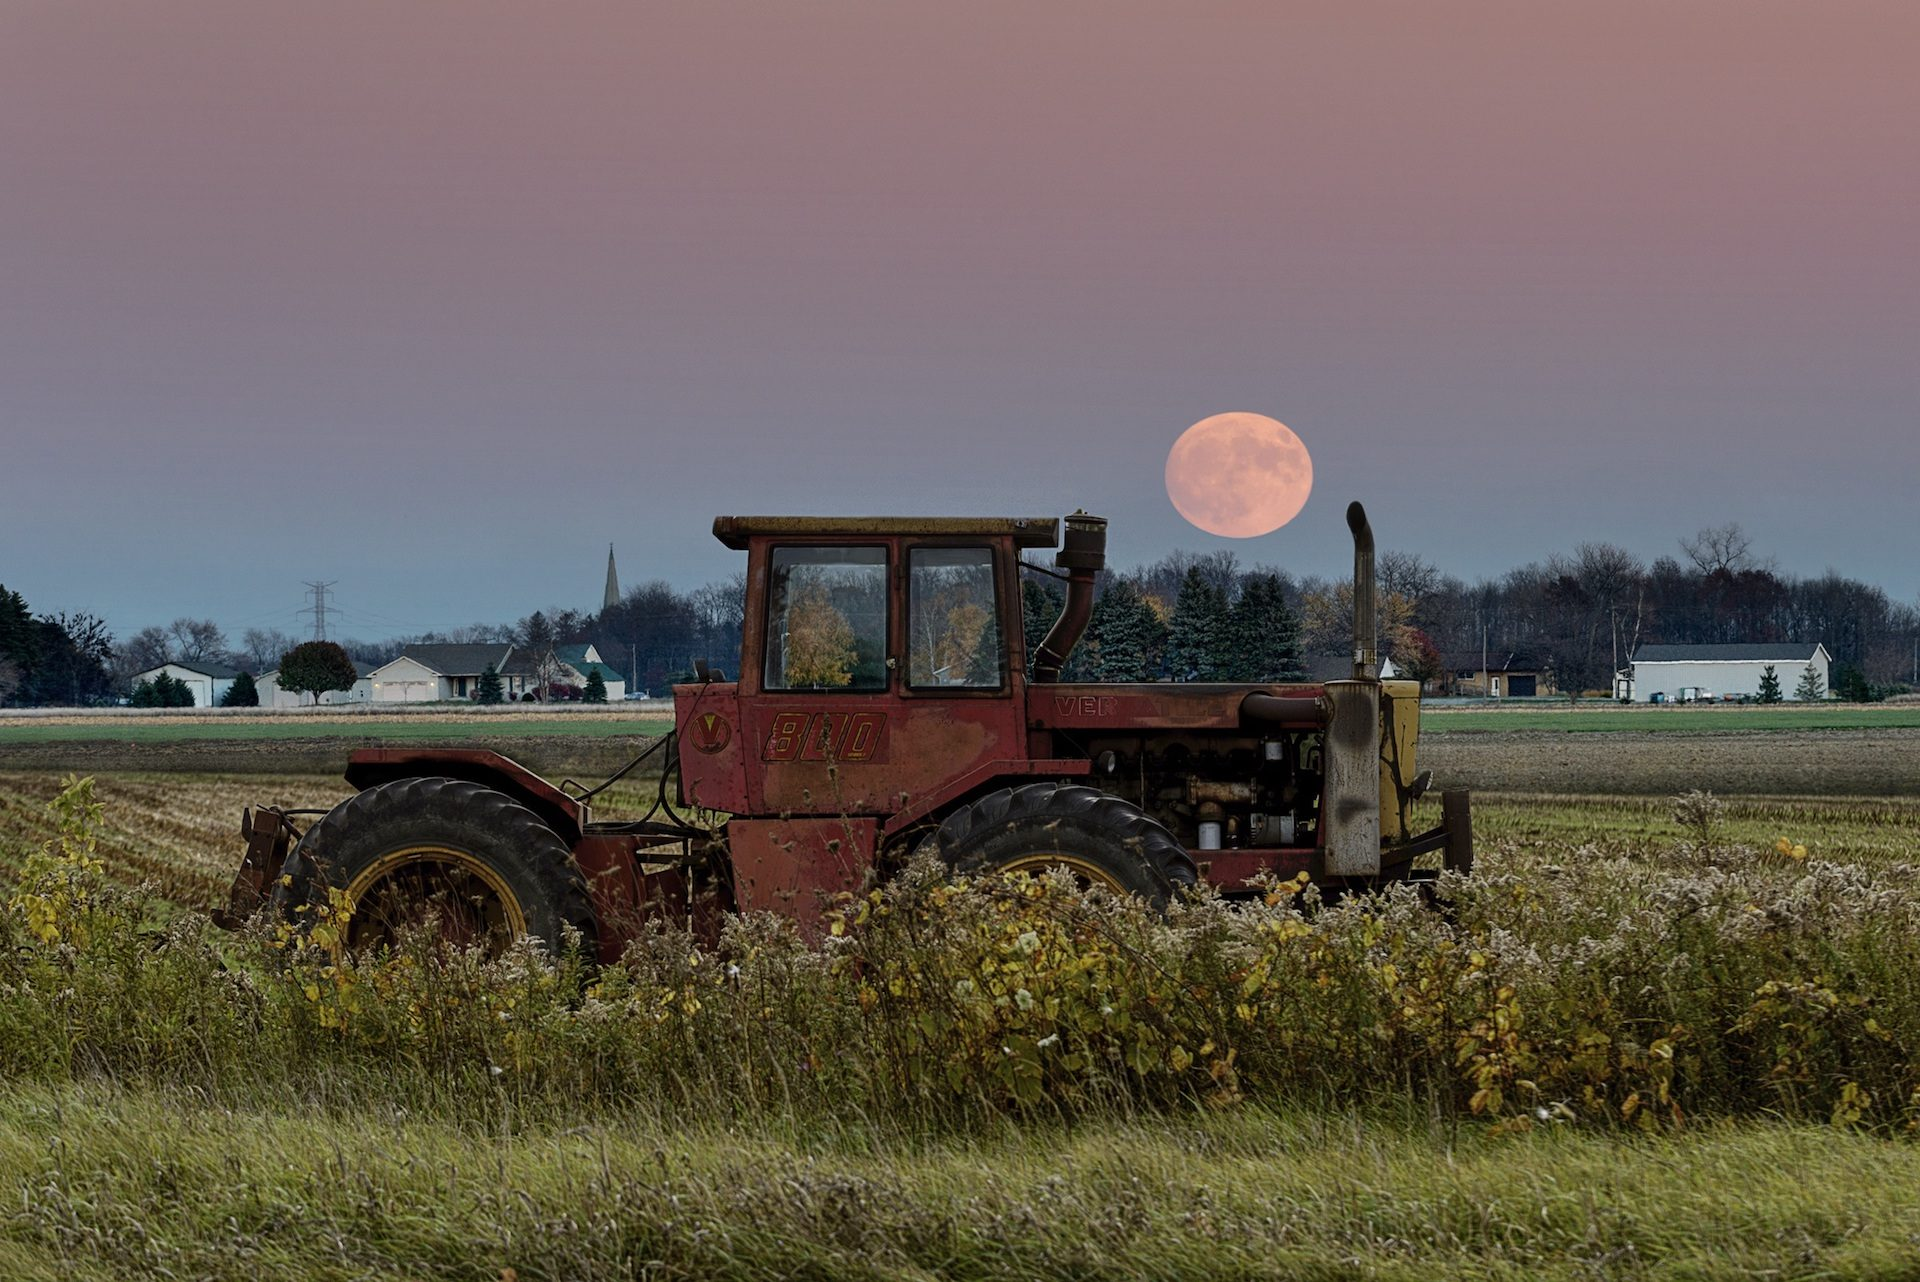 campo, trattore, azienda agricola, Supermoon, Luna, agricoltore - Sfondi HD - Professor-falken.com